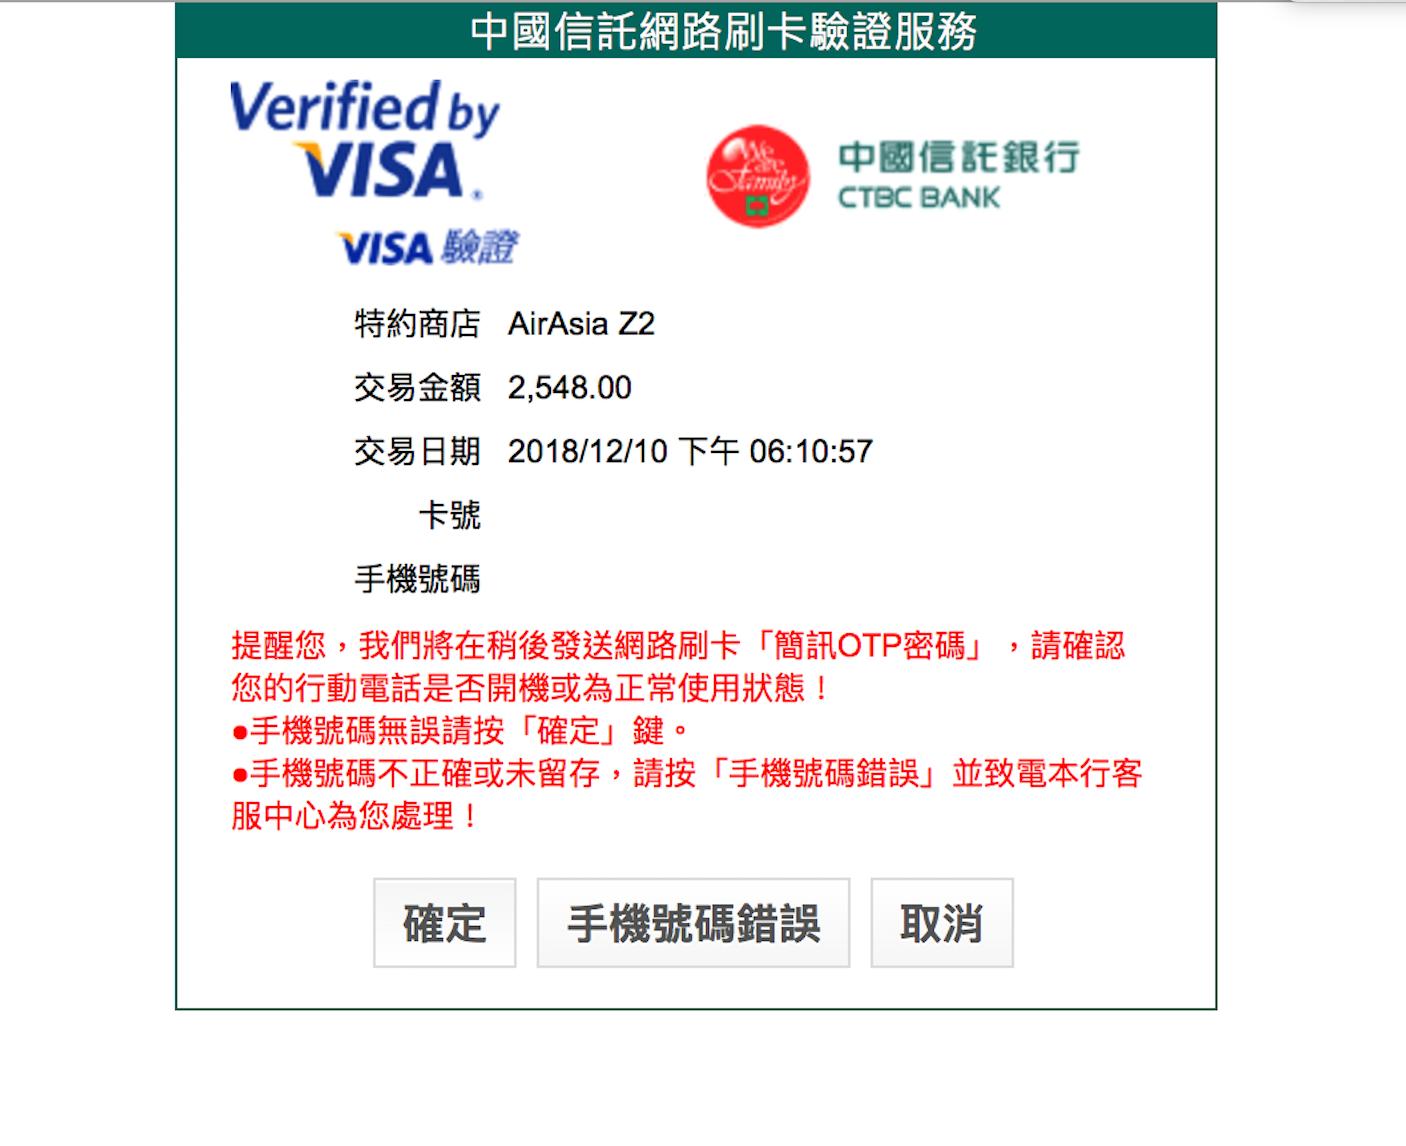 亞洲航空信用卡驗證碼確認